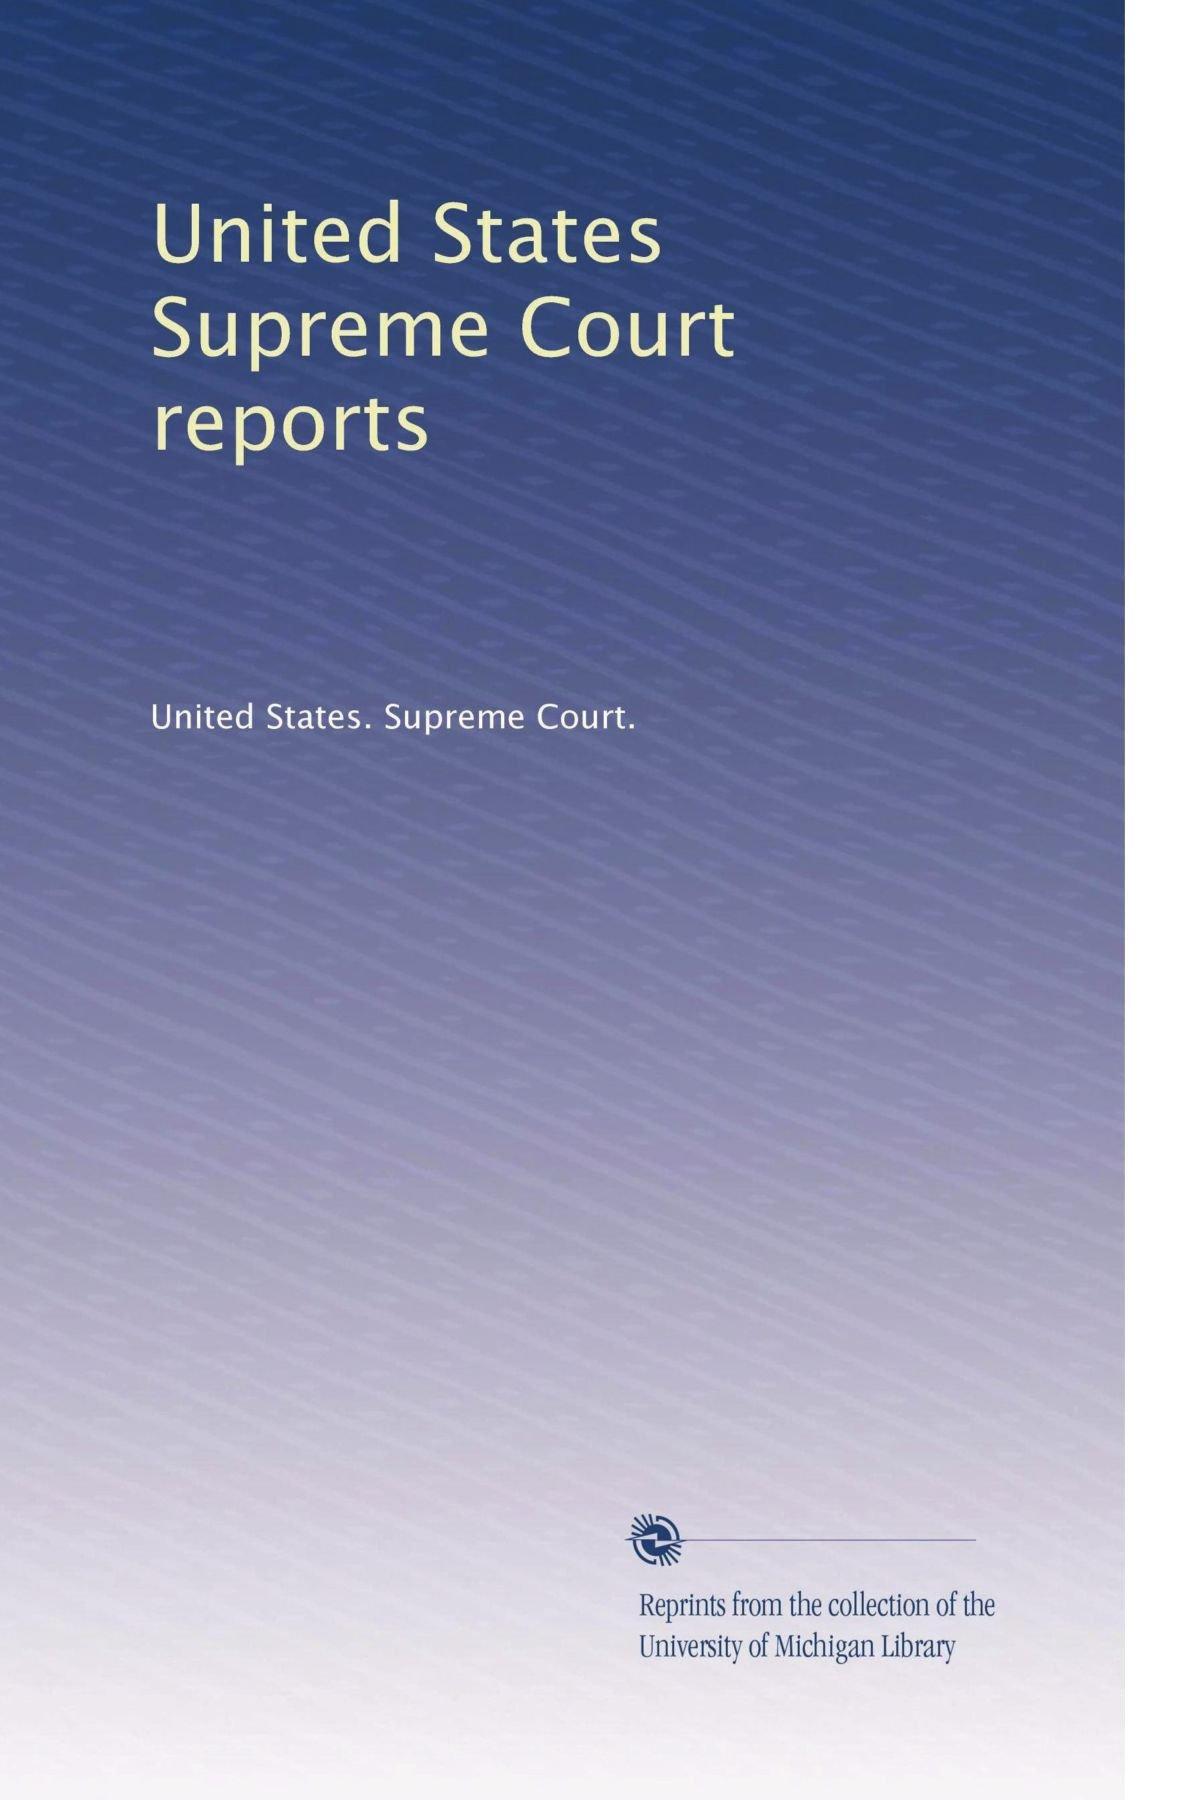 United States Supreme Court reports (Volume 33) PDF